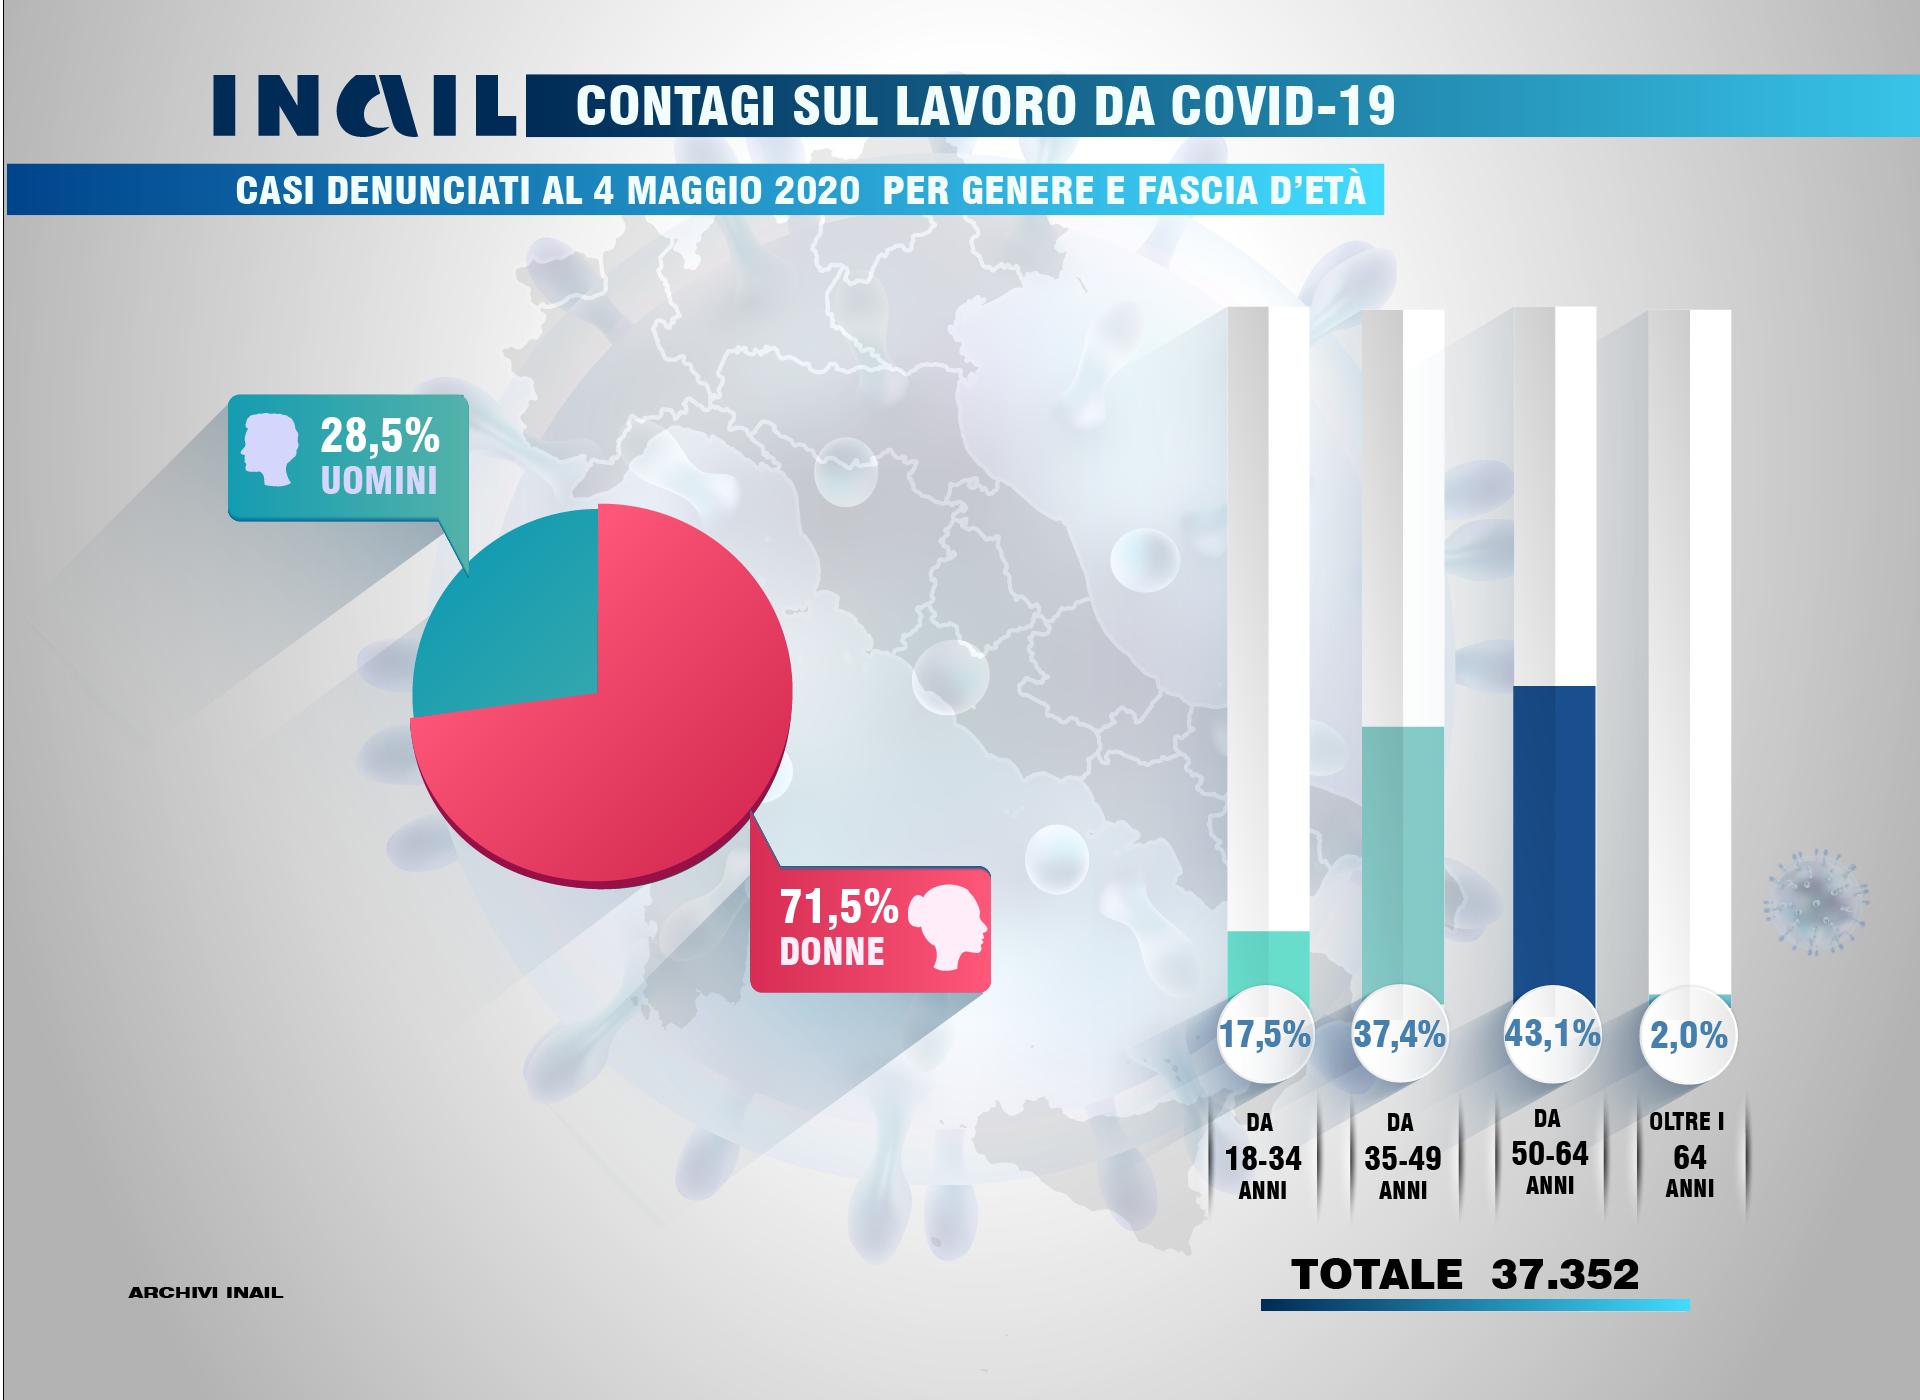 Contagi sul lavoro da Covid-19: casi denunciati per genere e fascia d'età